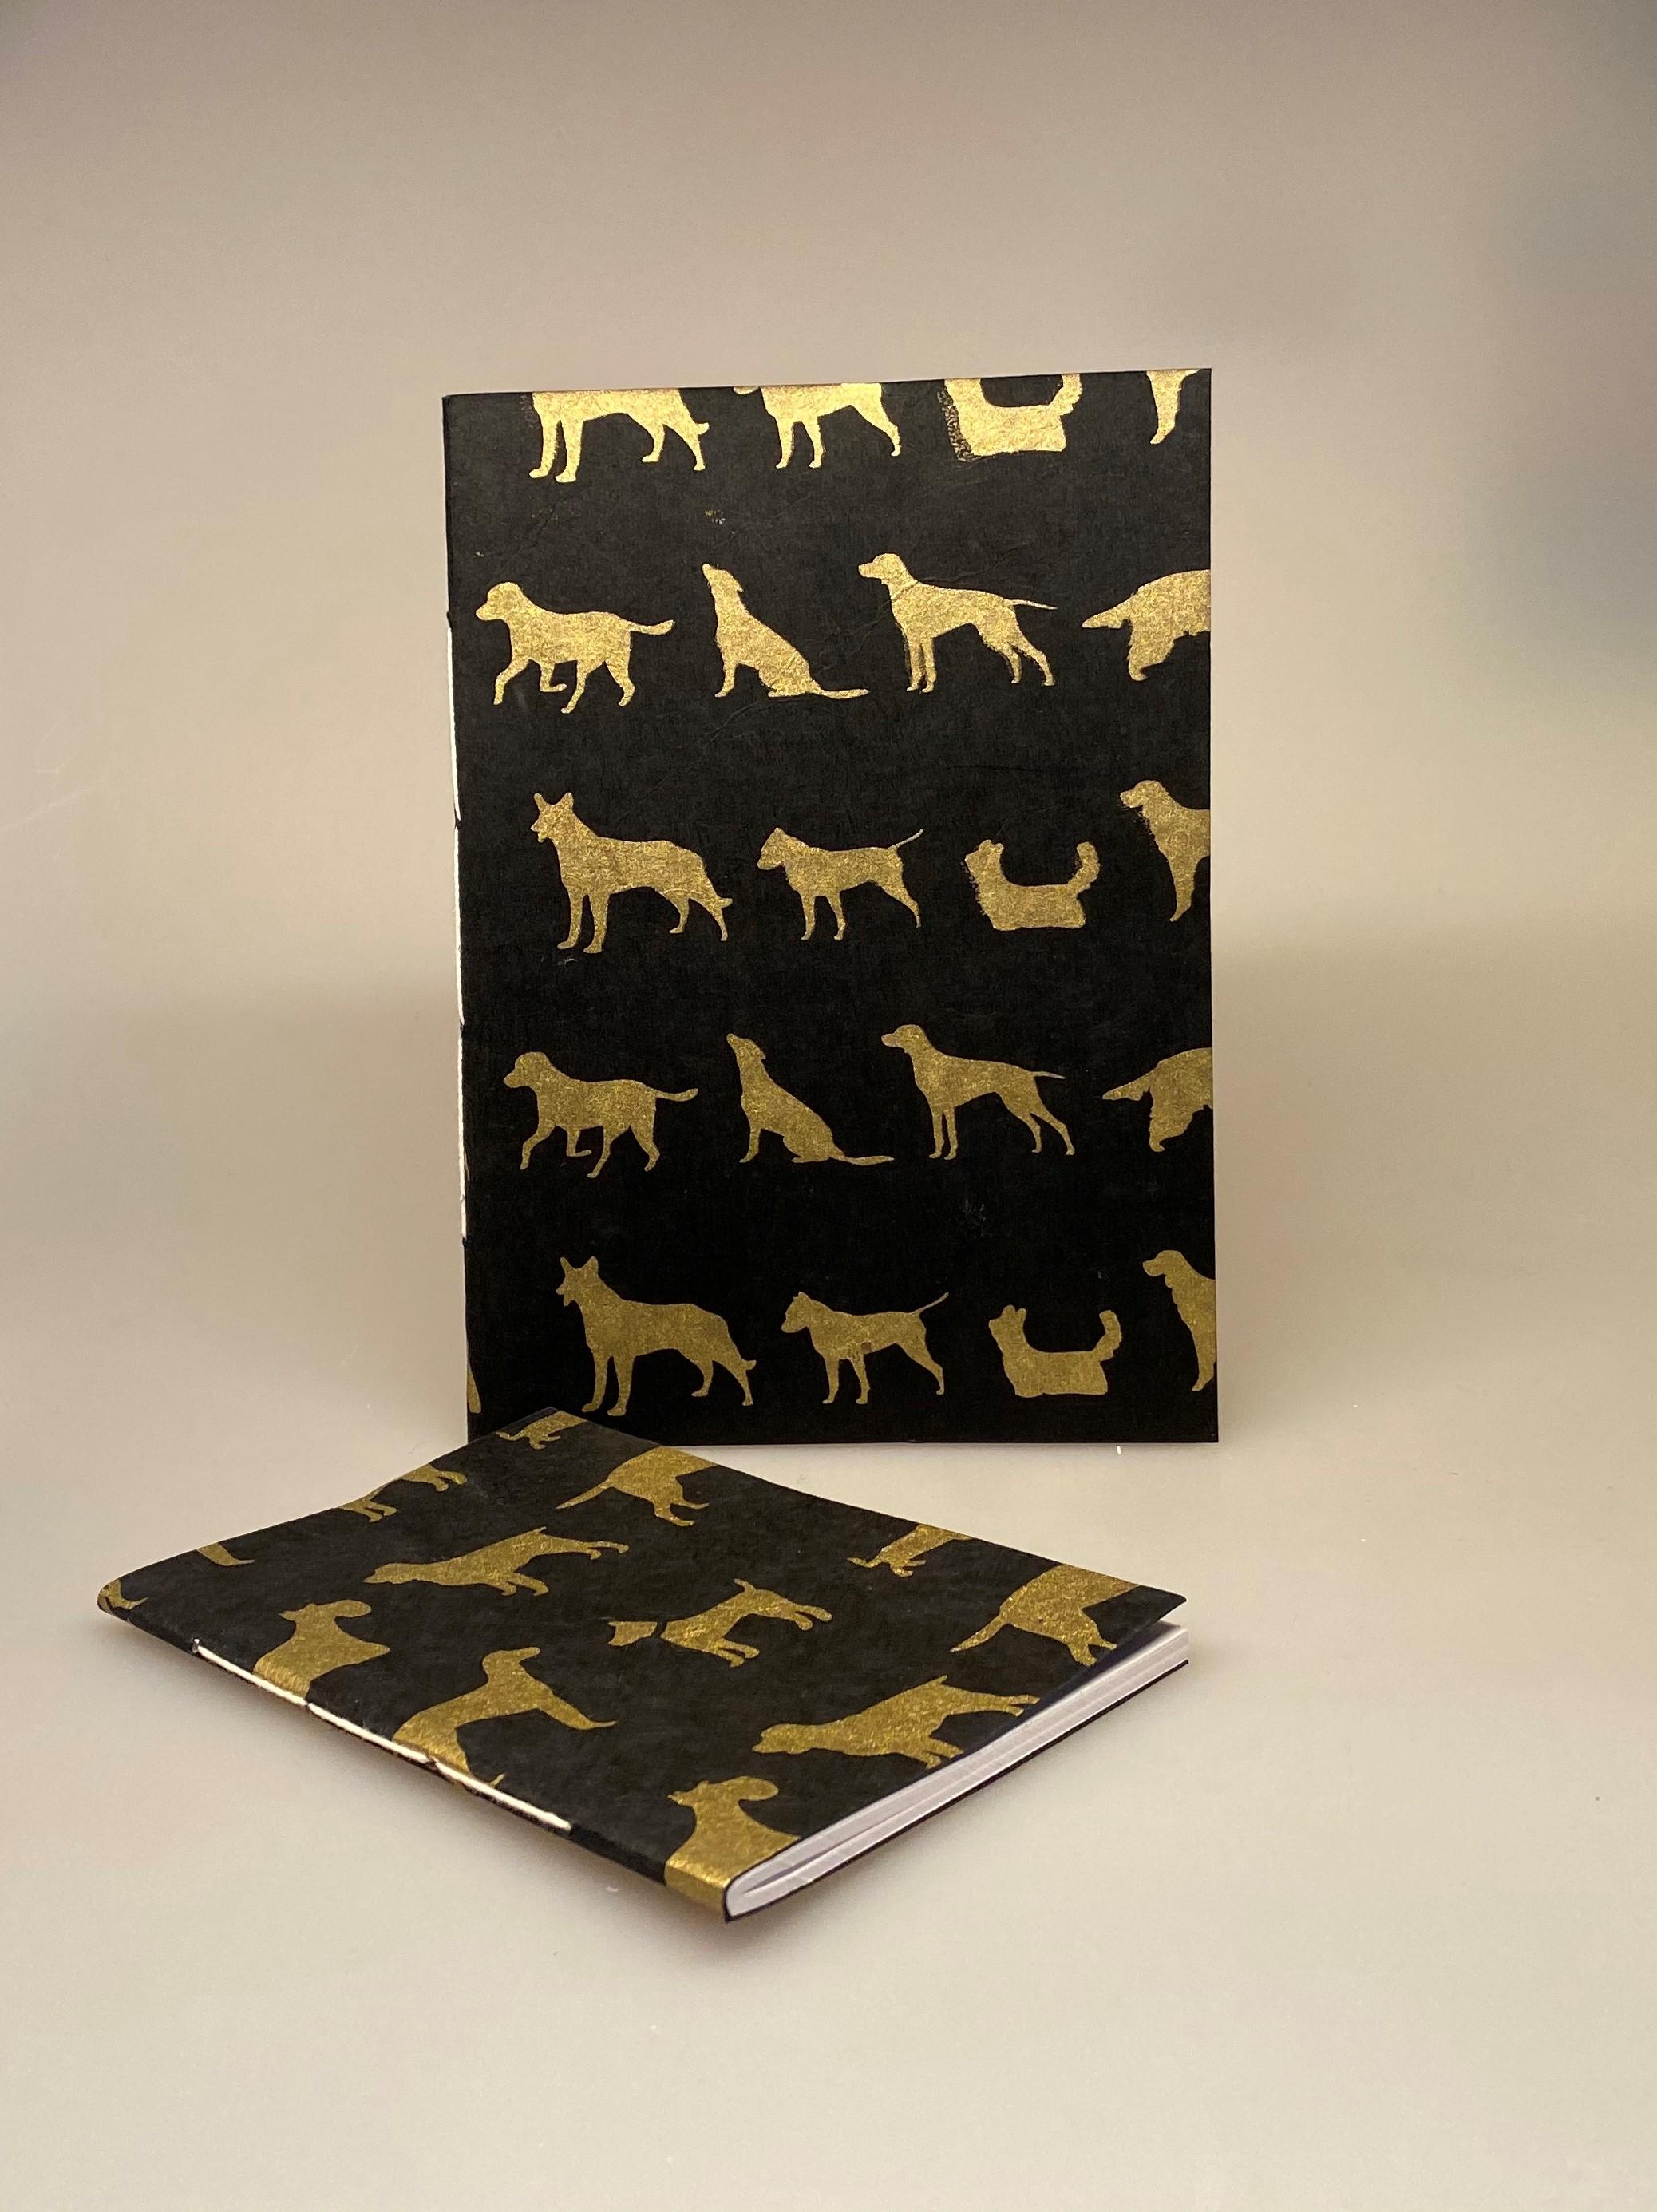 A5 Hæfte håndlavet papir - Sort med gyldne hunde A6 Hæfte håndlavet papir - Sort med gyldne hunde, hunde, hunde ting, ting med hunde, hunde bog, hunde hæfte, notesbog, noteshæfte, tegne hæfte, håndlavet, papir, nepal, notater, hæfte, dagbog, tegninger, hunderacer, hunde ejer, gave, gaveidé, penge gave